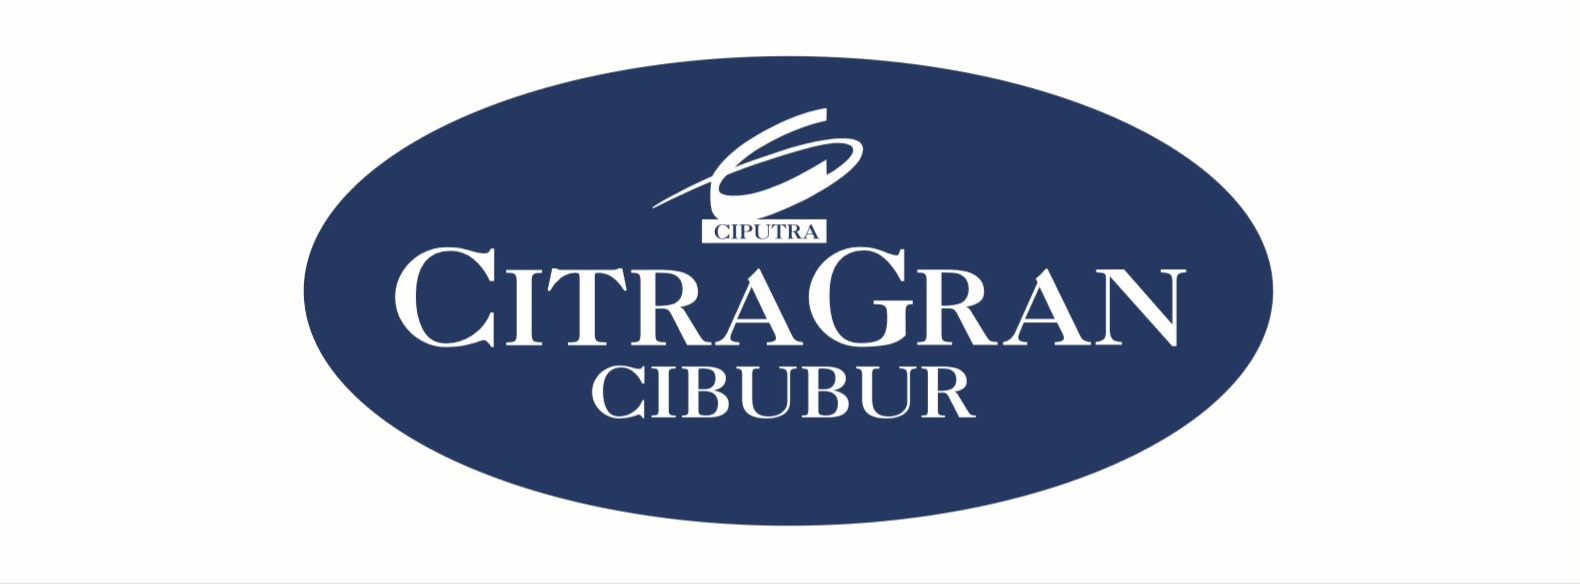 CitraGran Cibubur